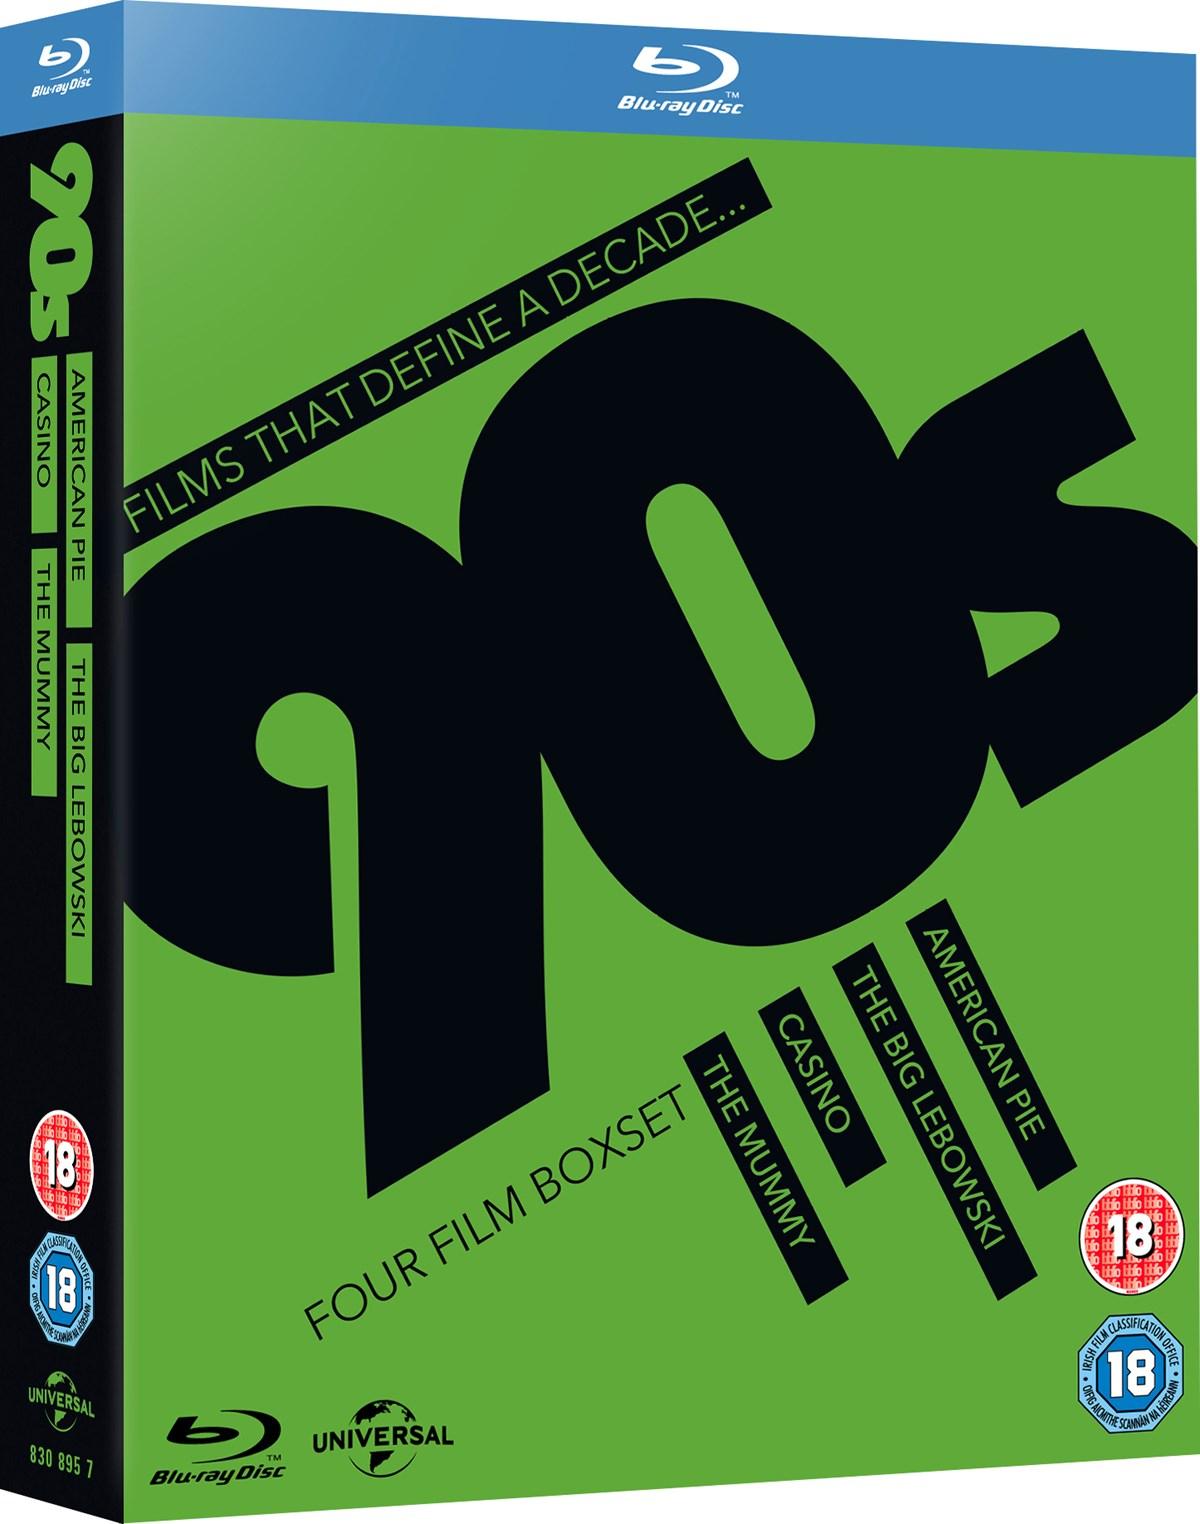 Coffret Blu-Ray That Define a Decade '90s - Casino (VF) + The Big Lebowski (VF) + La Momie (VF) + American Pie (VO)